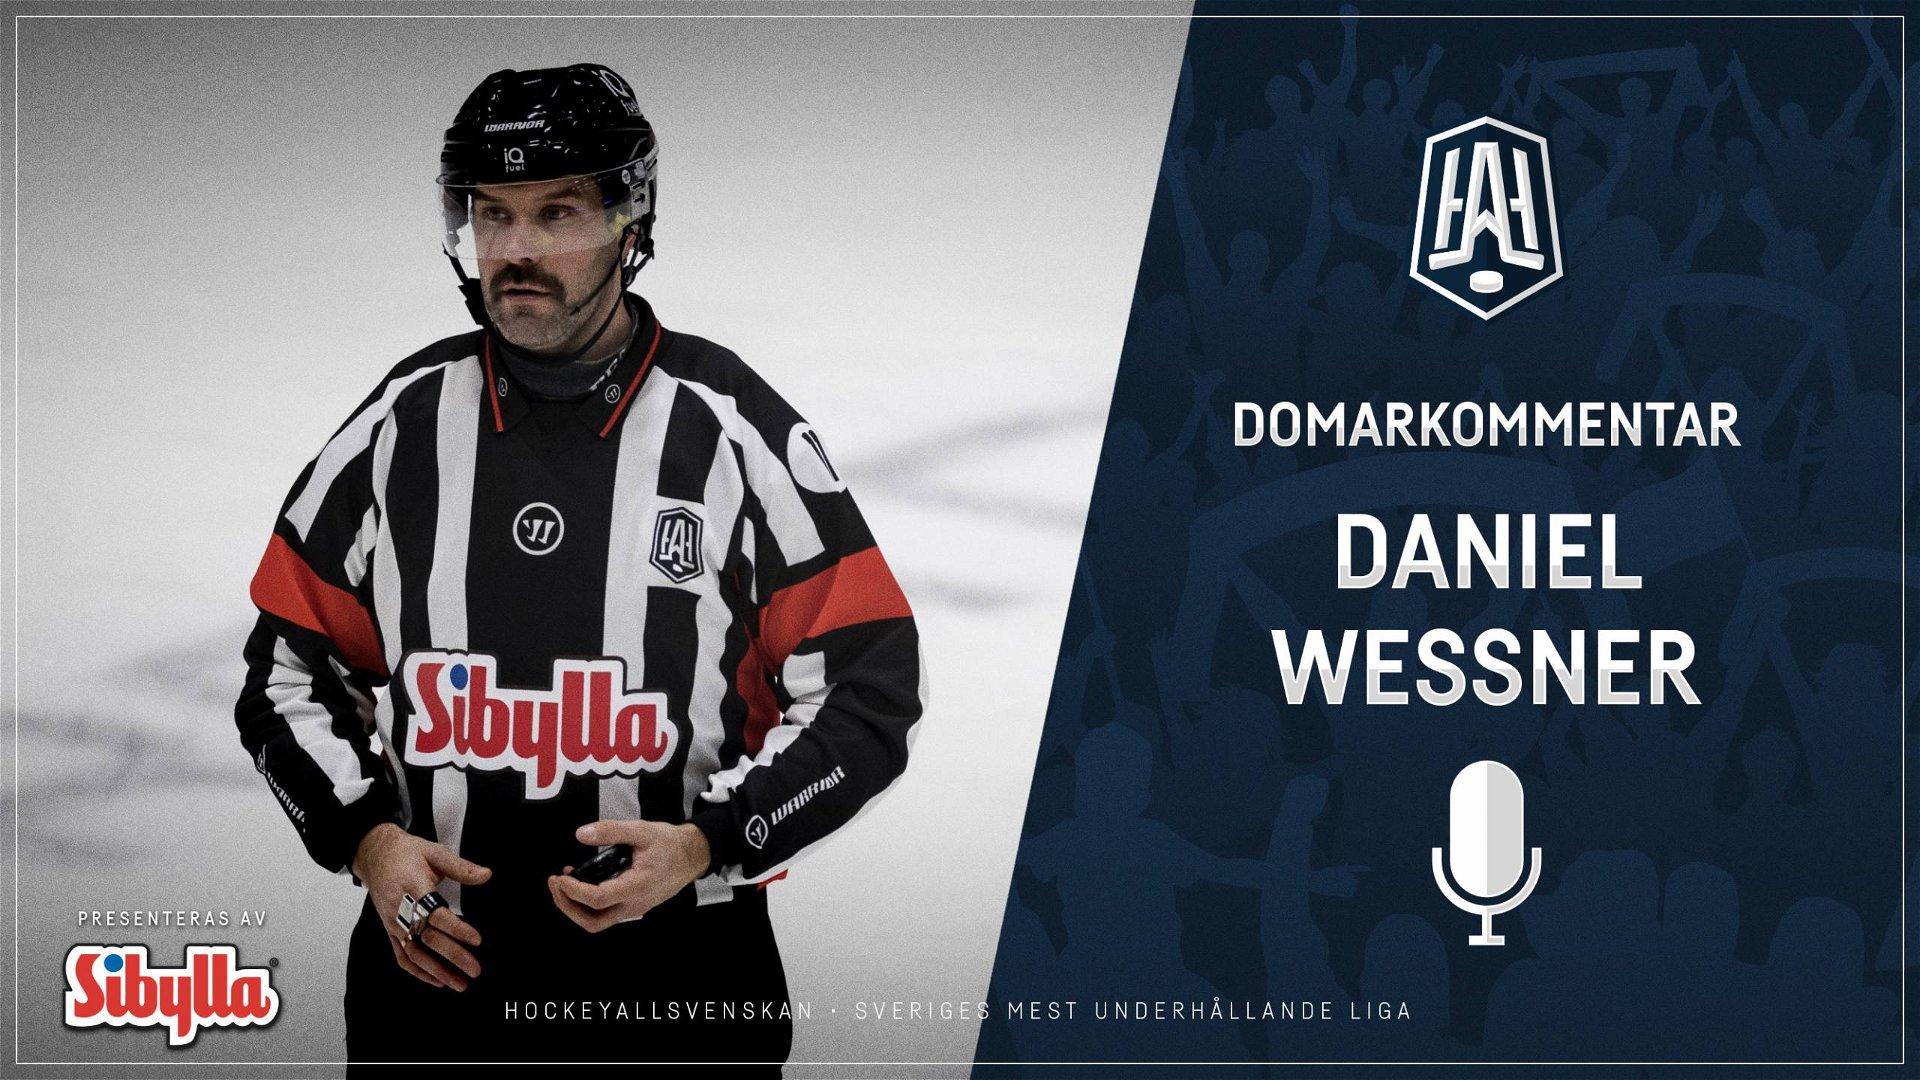 Domarkommentar: Daniel Wessner